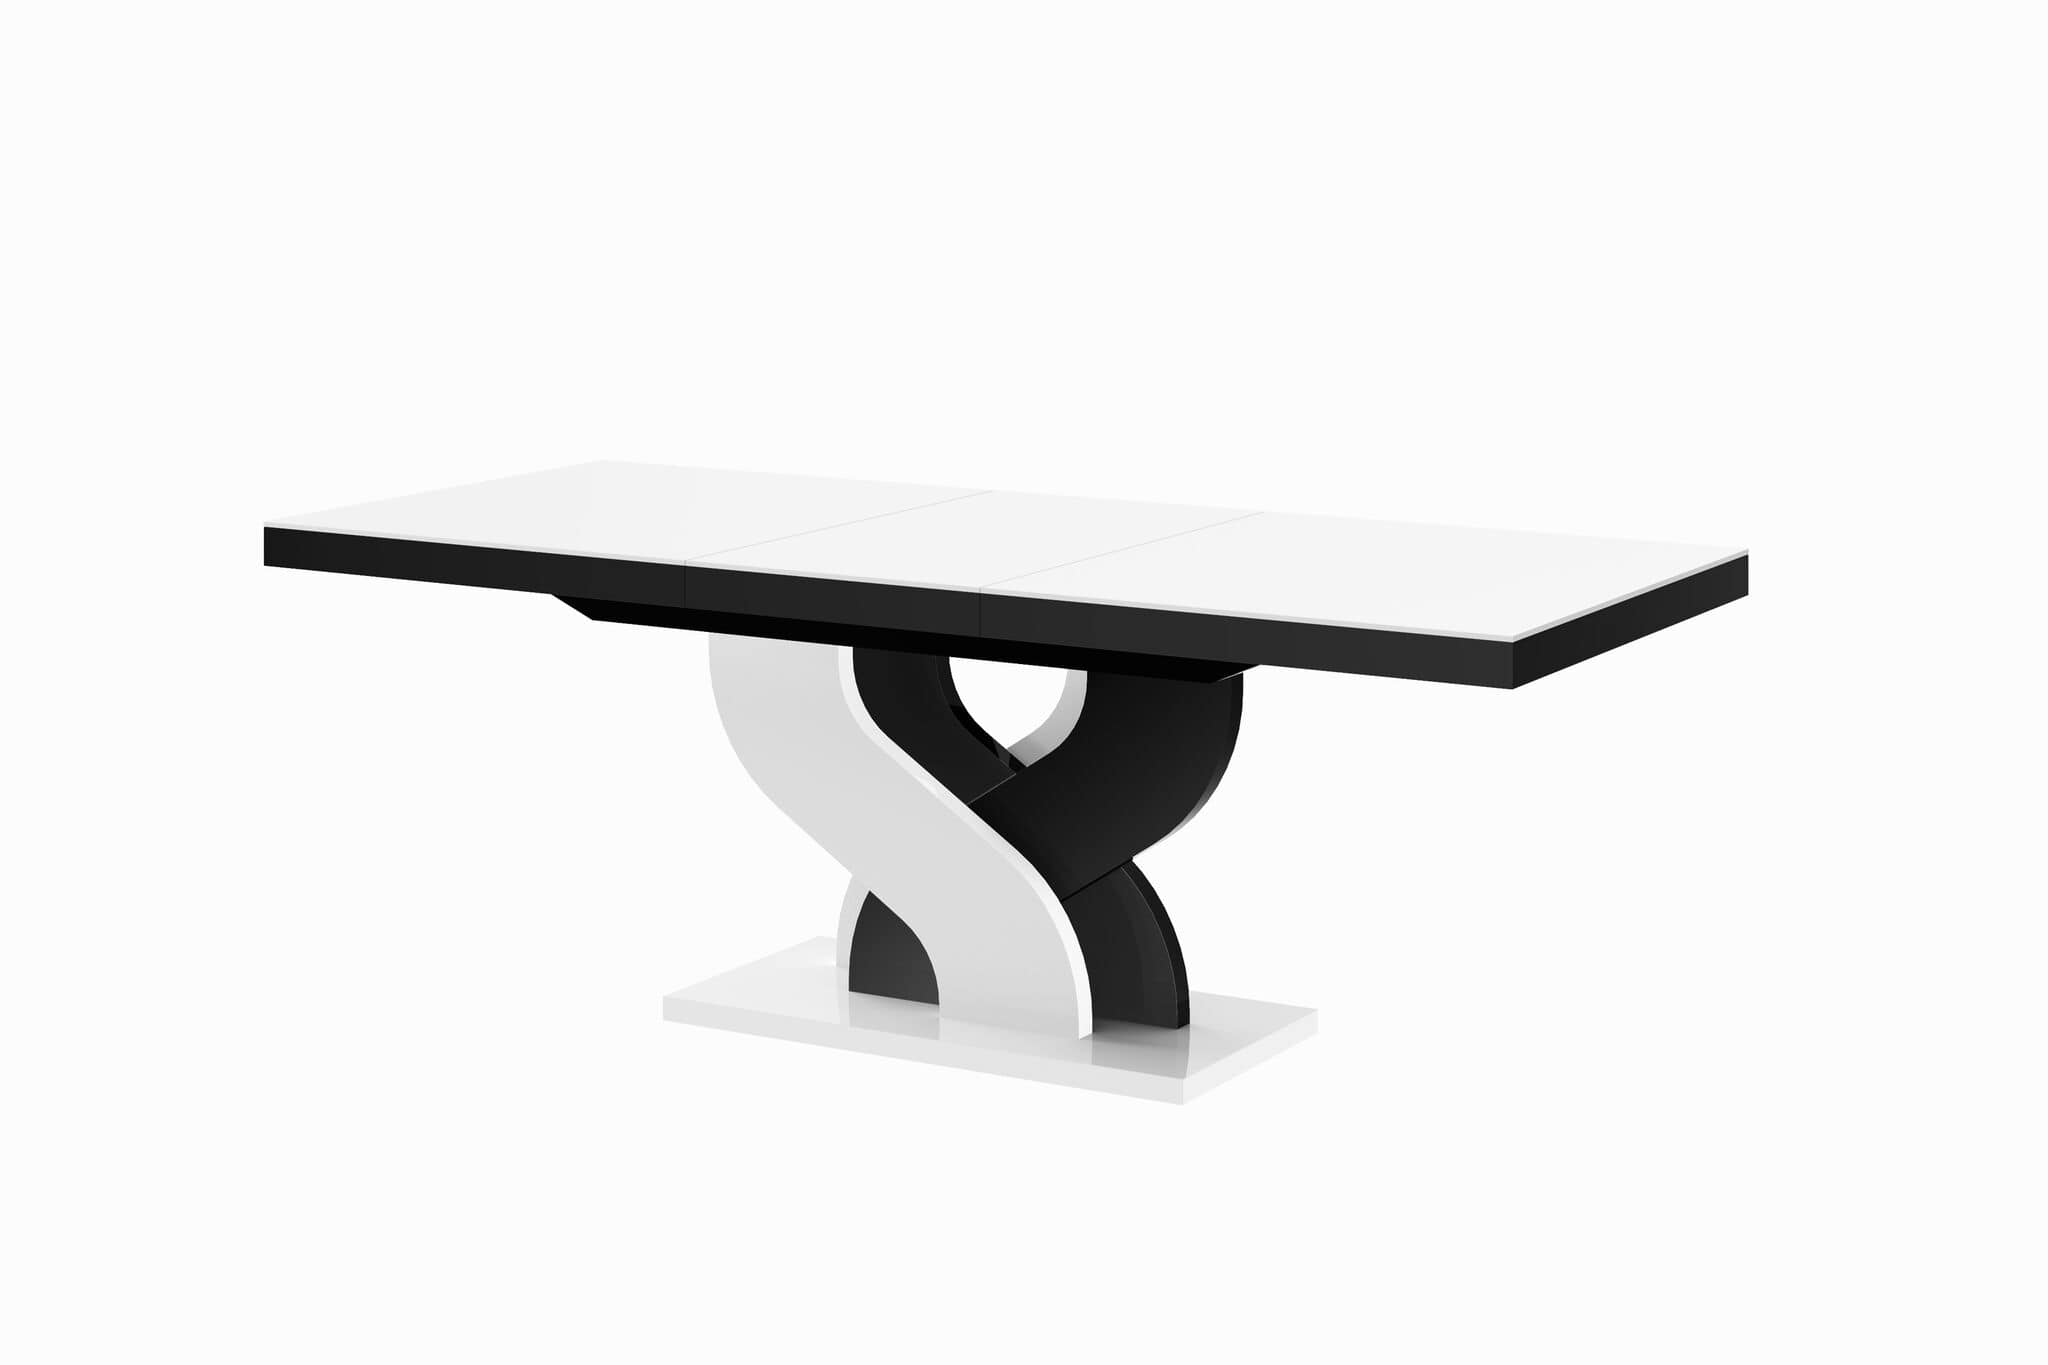 stół hubertus bella biały czarny połysk rozkładany białe tło 210-min